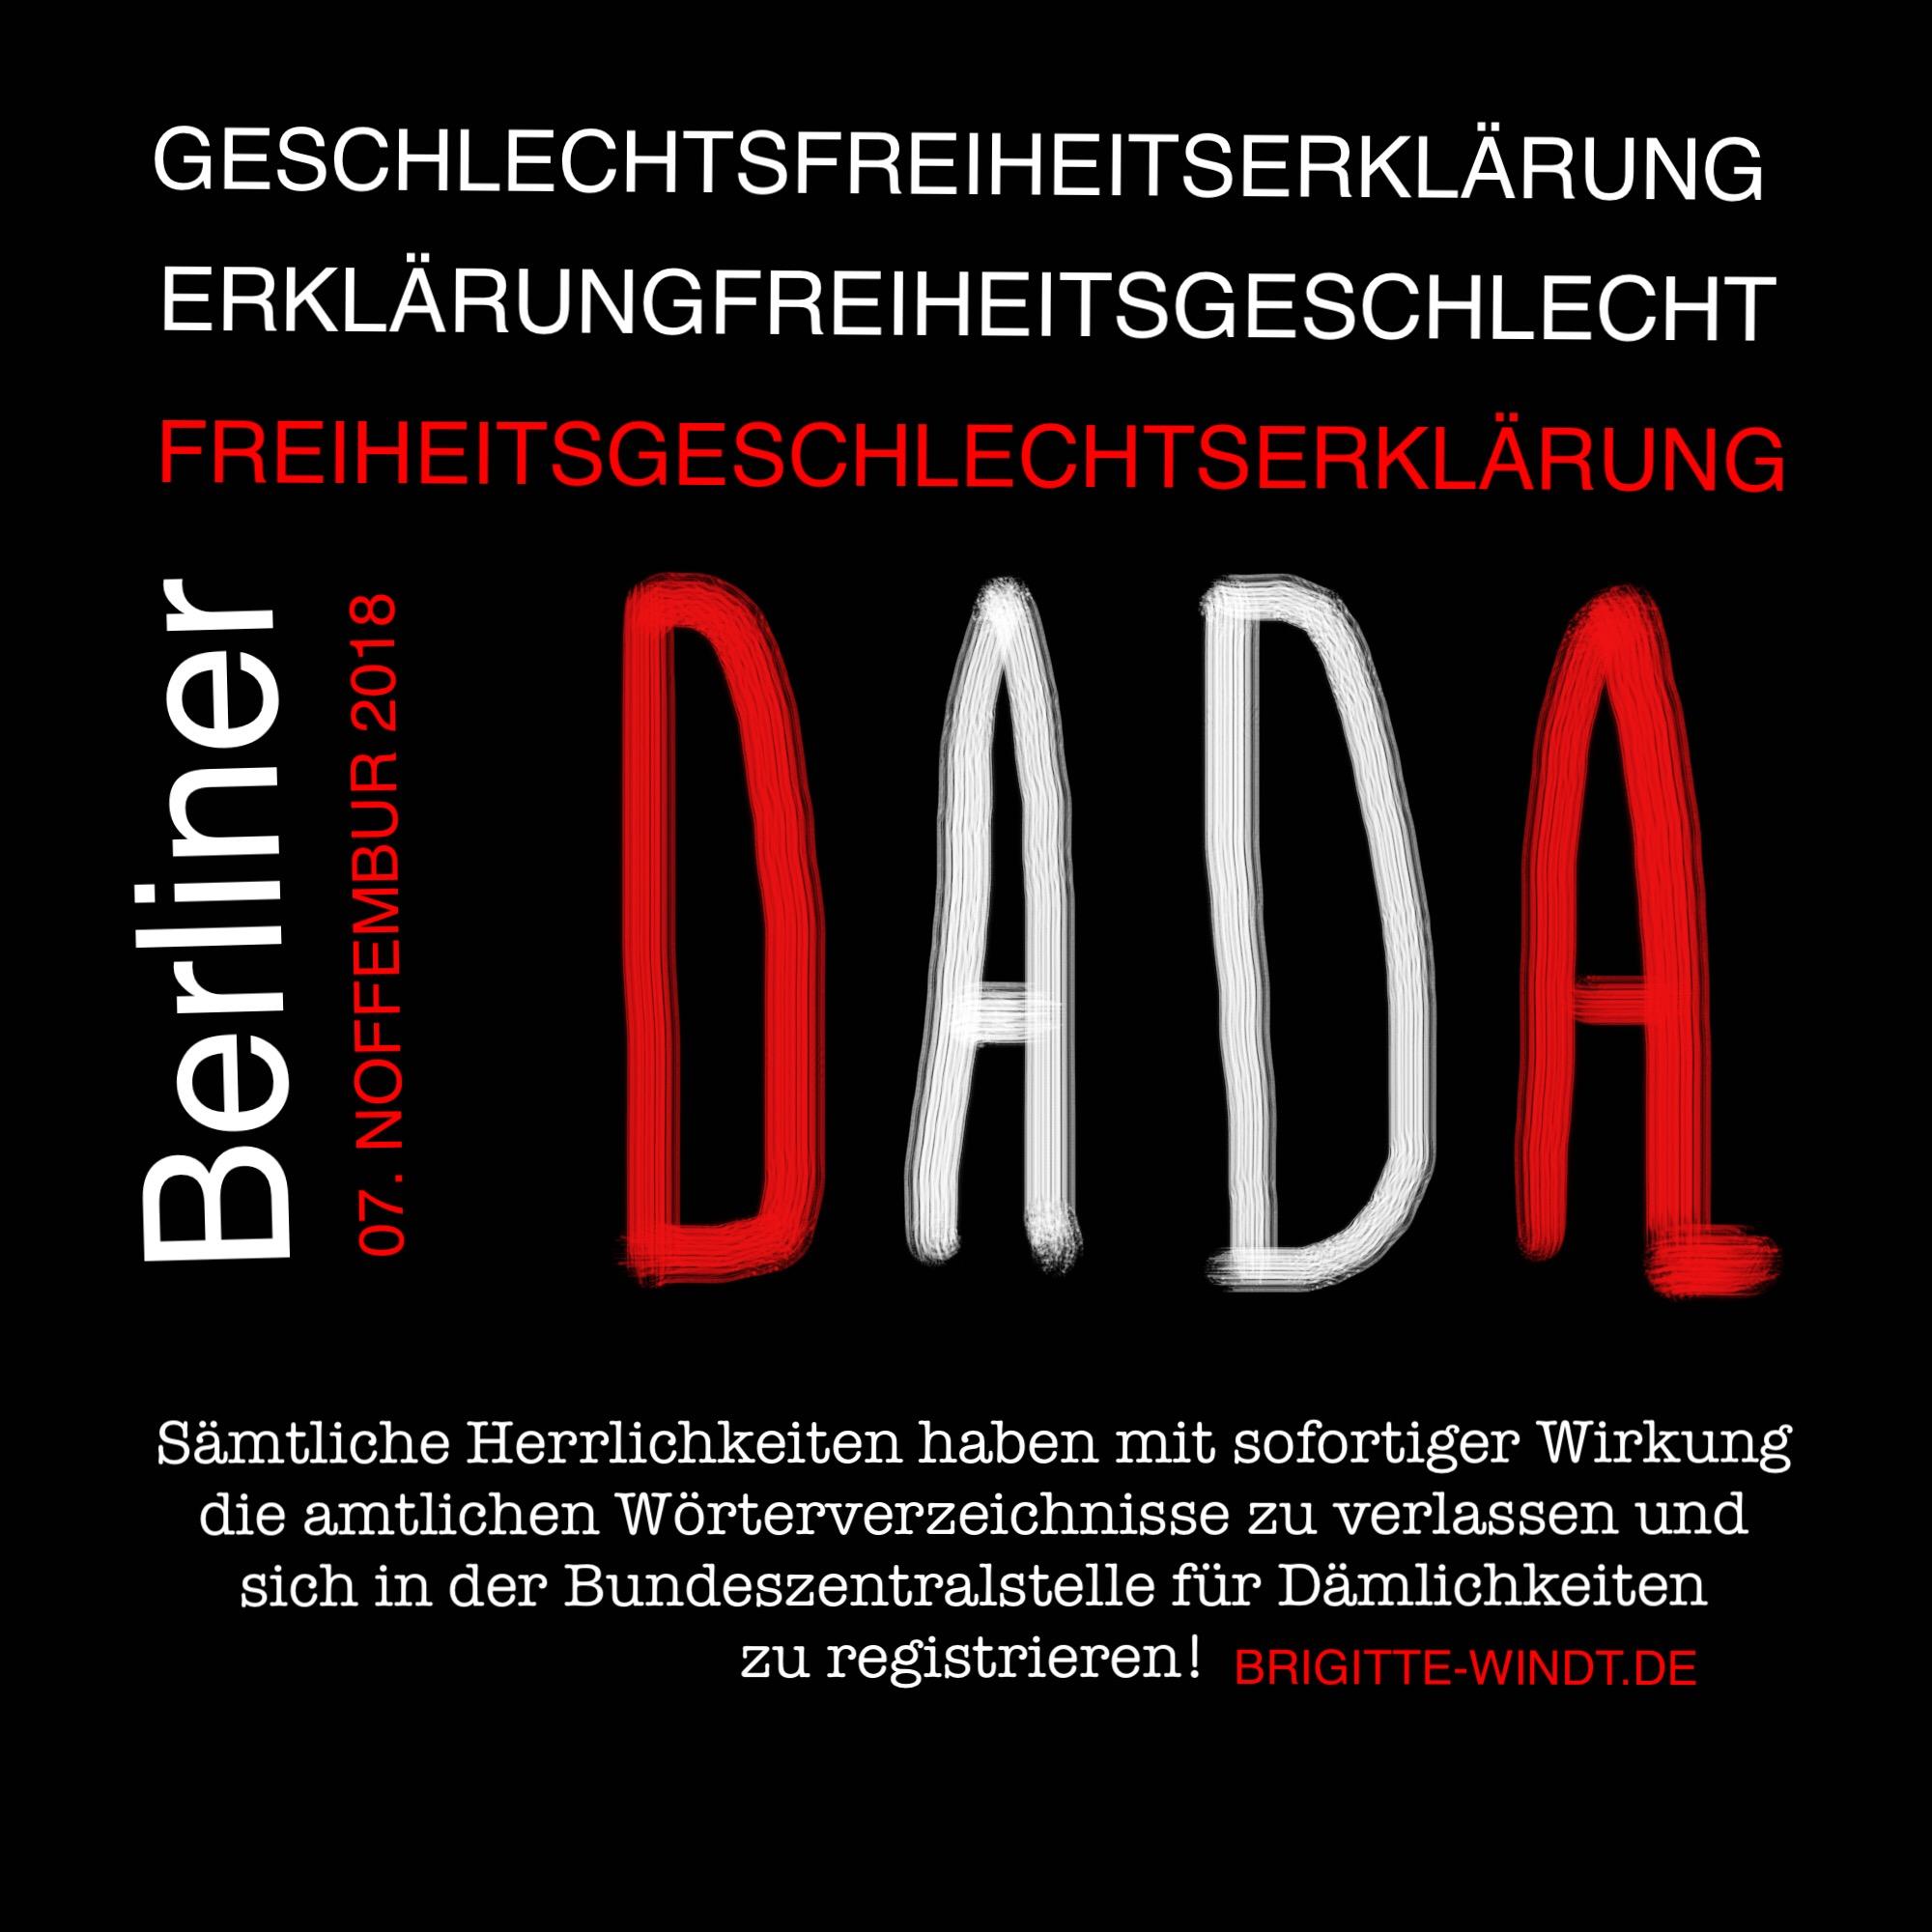 DADA Geschlechtsfreiheitserklärung vom 07. Noffembur 2018, Brigitte Windt 2018